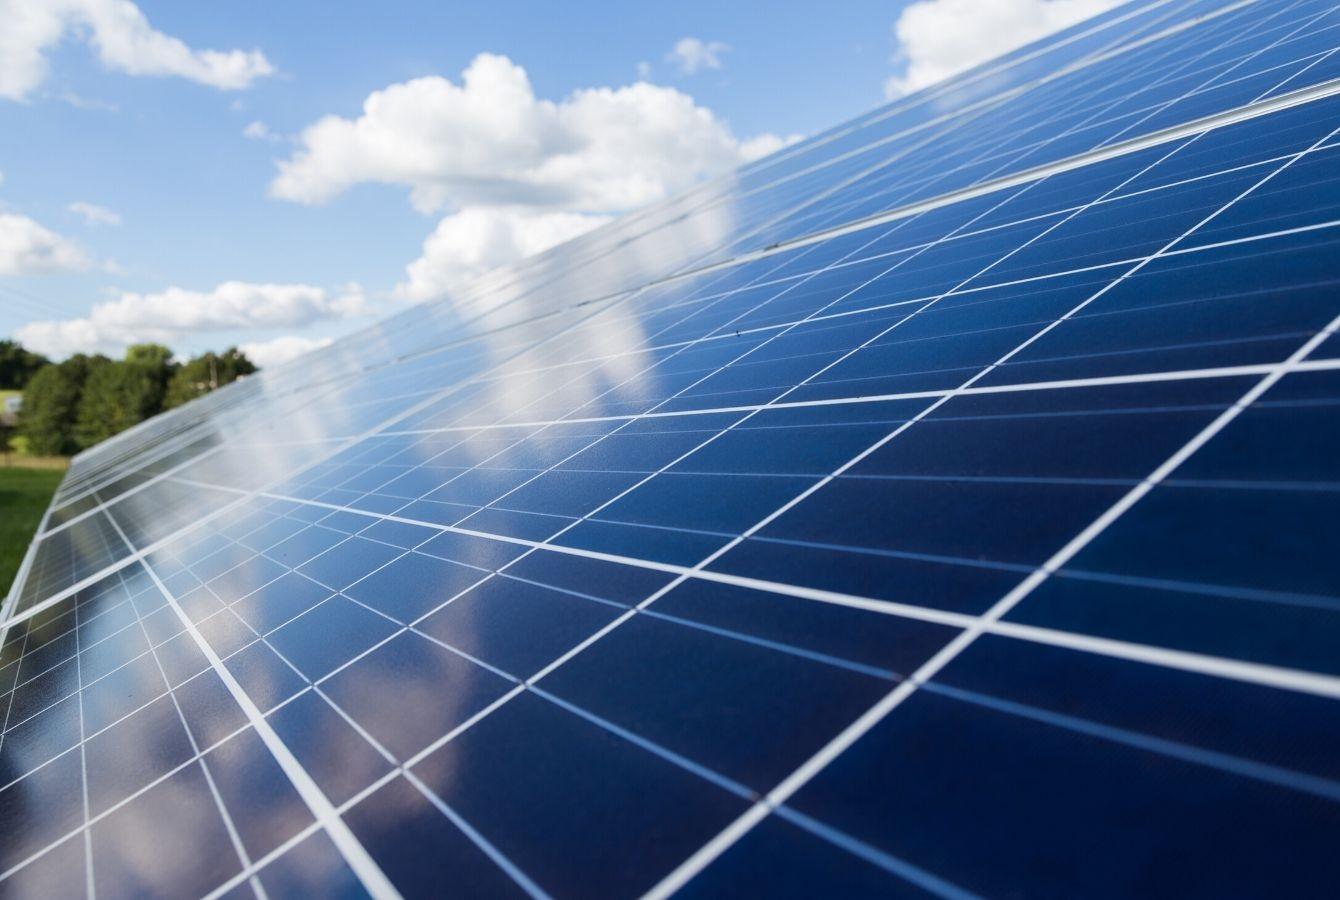 ROMÂNIA VERDE – Ce sunt panourile fotovoltaice? Cum funcționează panourile fotovoltaice?